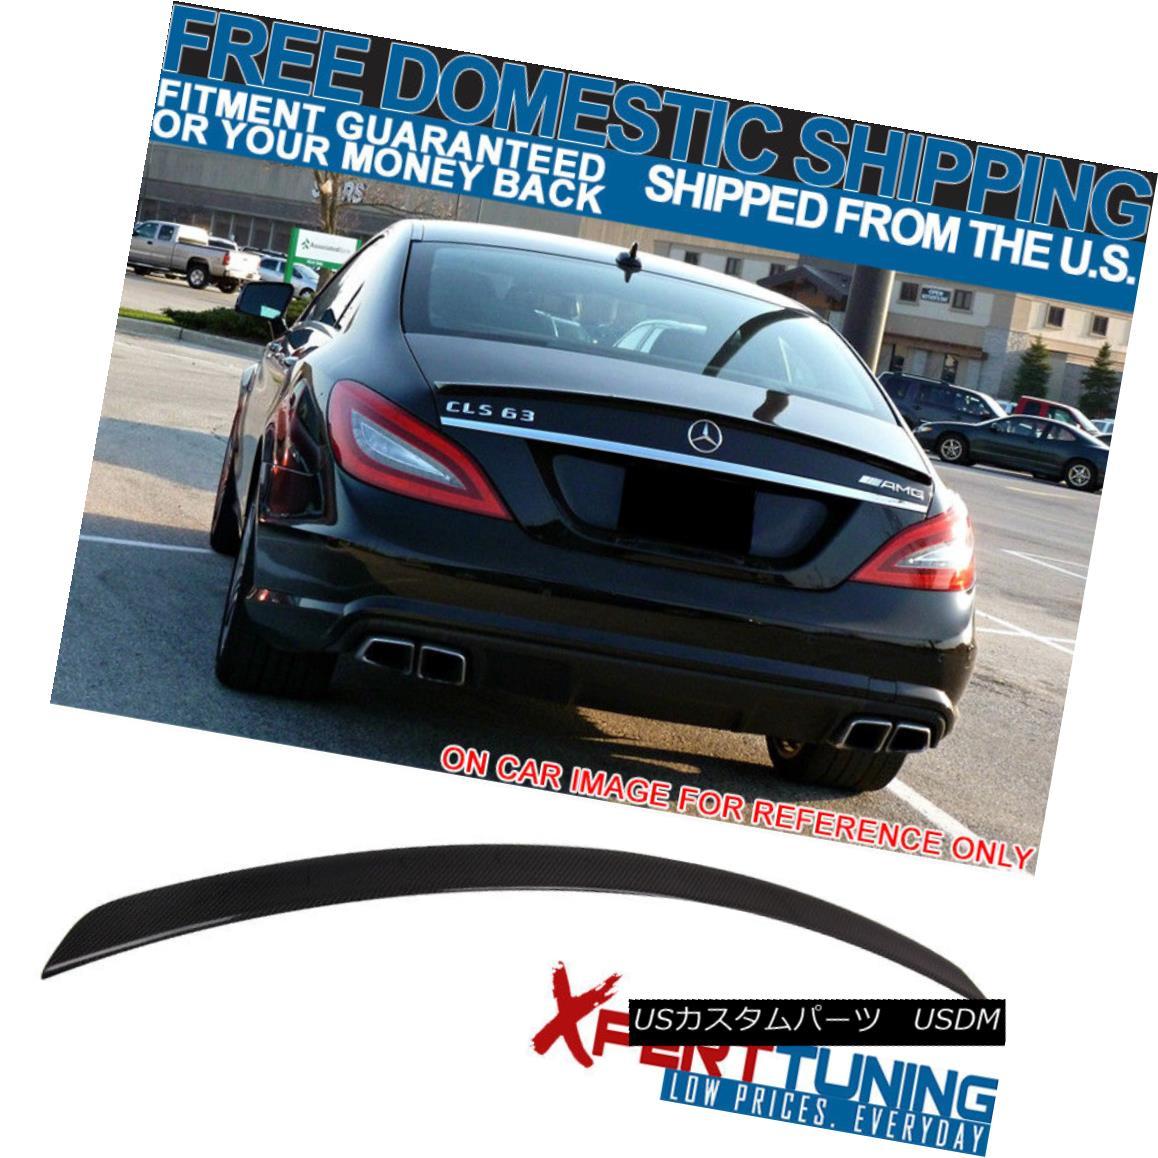 エアロパーツ FIT For 11-17 Benz CLS Class W218 AMG Style Trunk Spoiler - Carbon Fiber (CF) 11-17ベンツCLSクラスW218 AMGスタイルトランクスポイラーのためのフィット - 炭素繊維(CF)